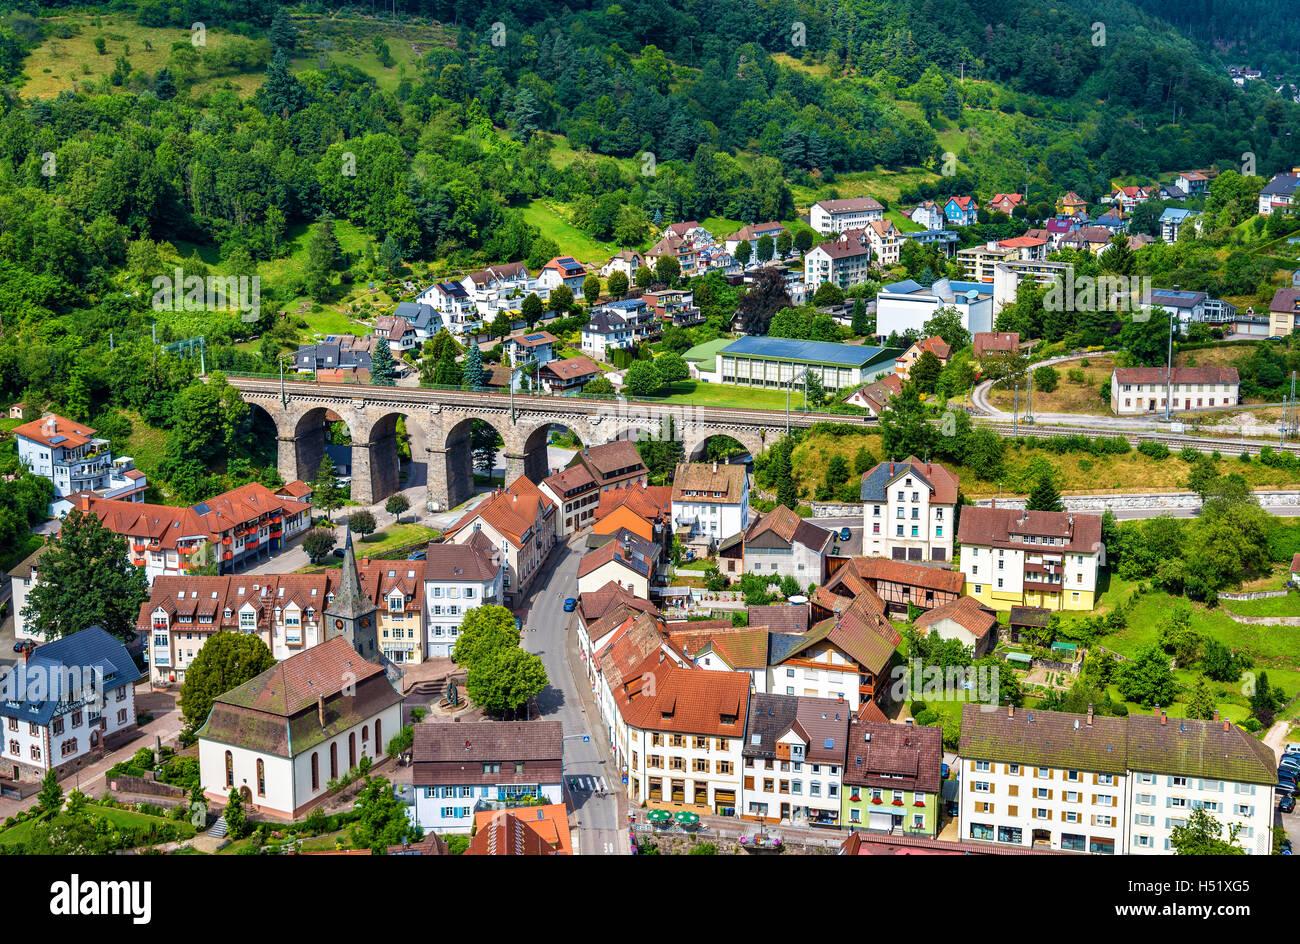 Blick auf das Dorf Hornberg im Schwarzwald Berge - Baden-Wurttemberg, Deutschland Stockbild